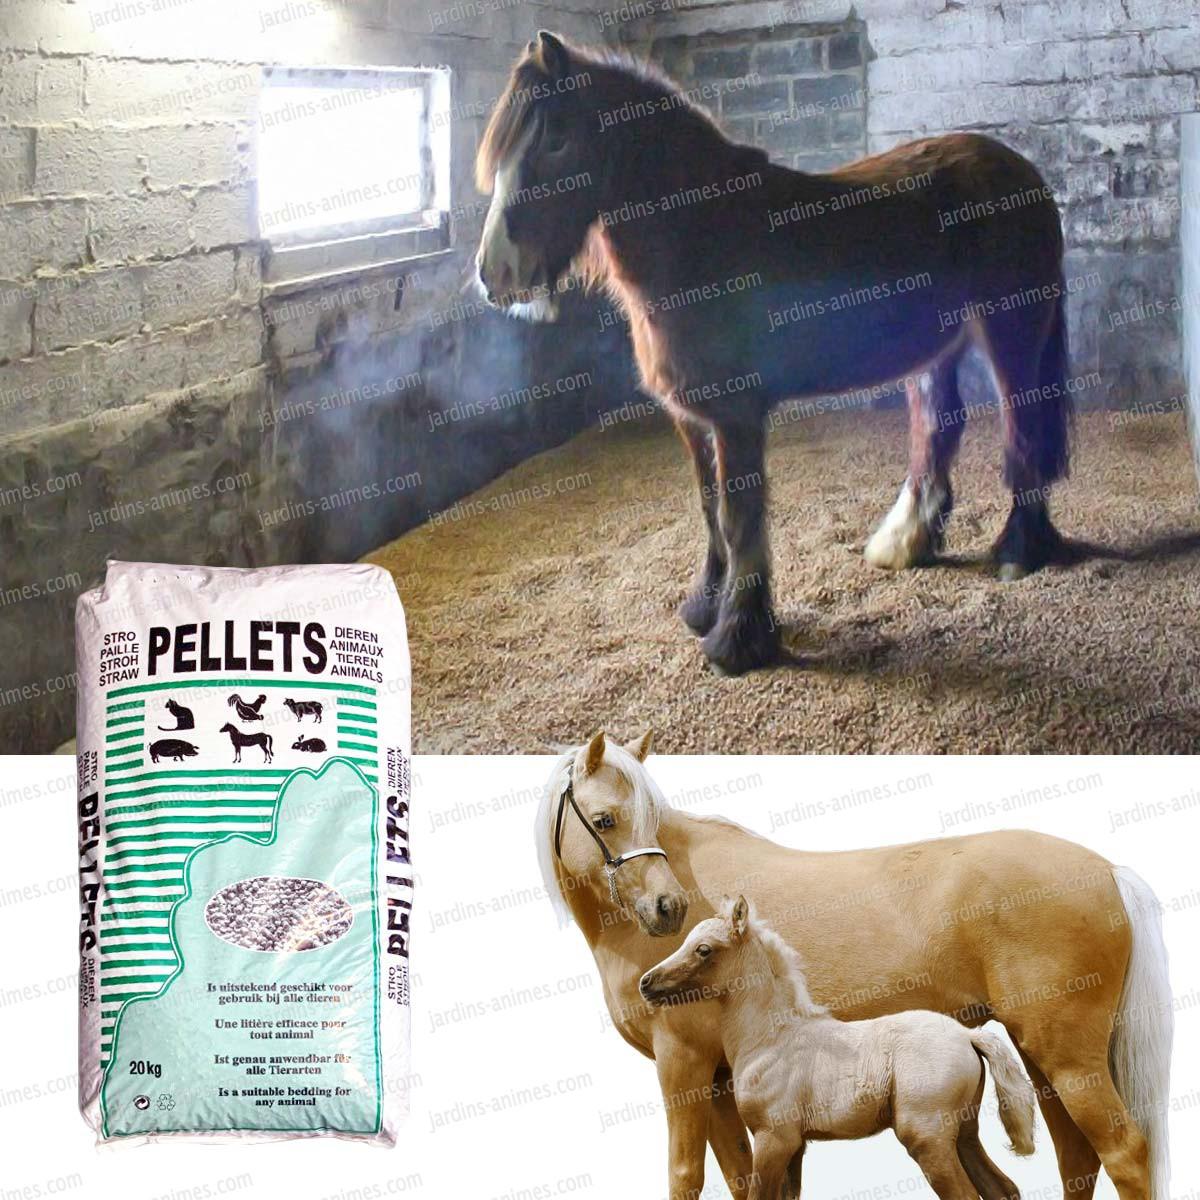 Liti re pour chevaux en pellets de paille de froment equipement et soin du cheval - Acheter de la paille pour jardin ...